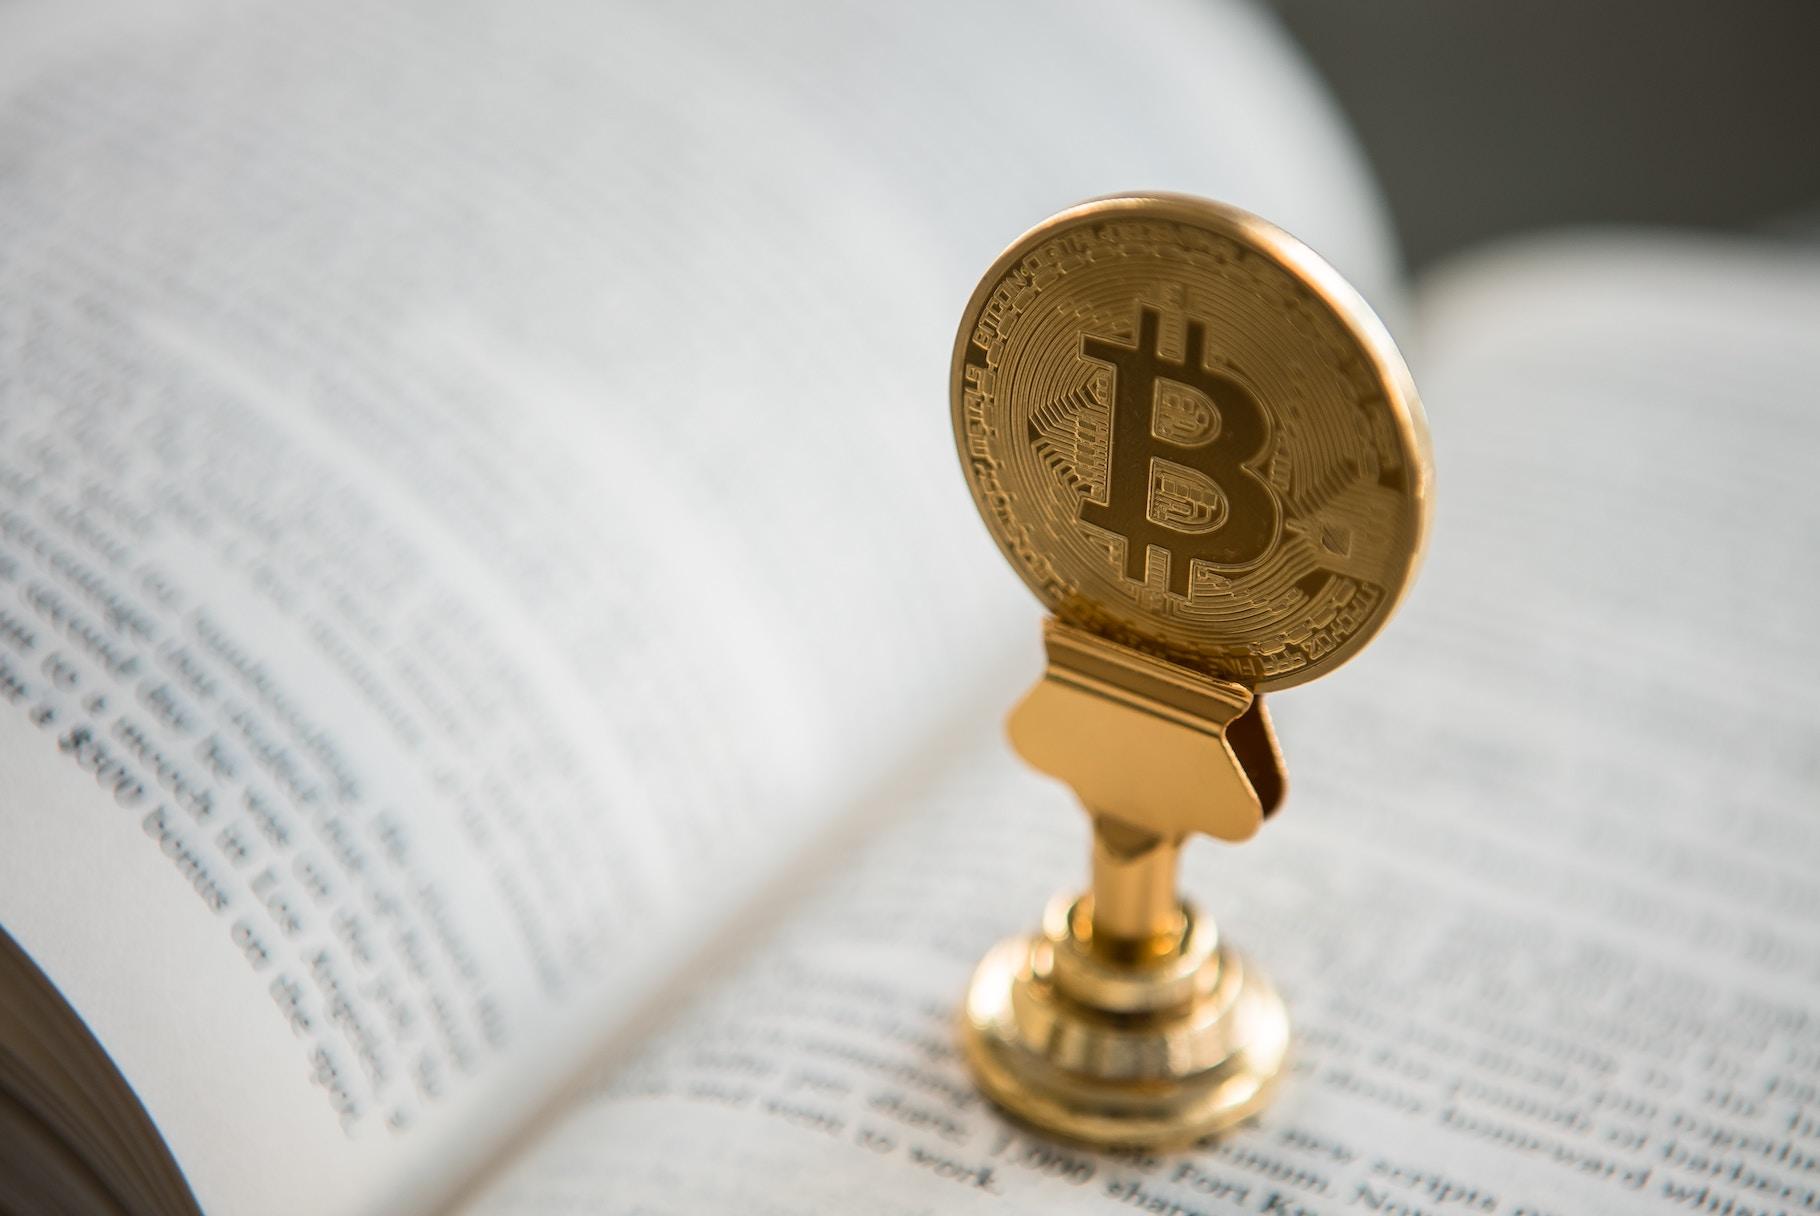 Post cryptum — Падіння криптовалют, хардфорк Bitcoin Cash, криптогривня та збитковий майнінґ